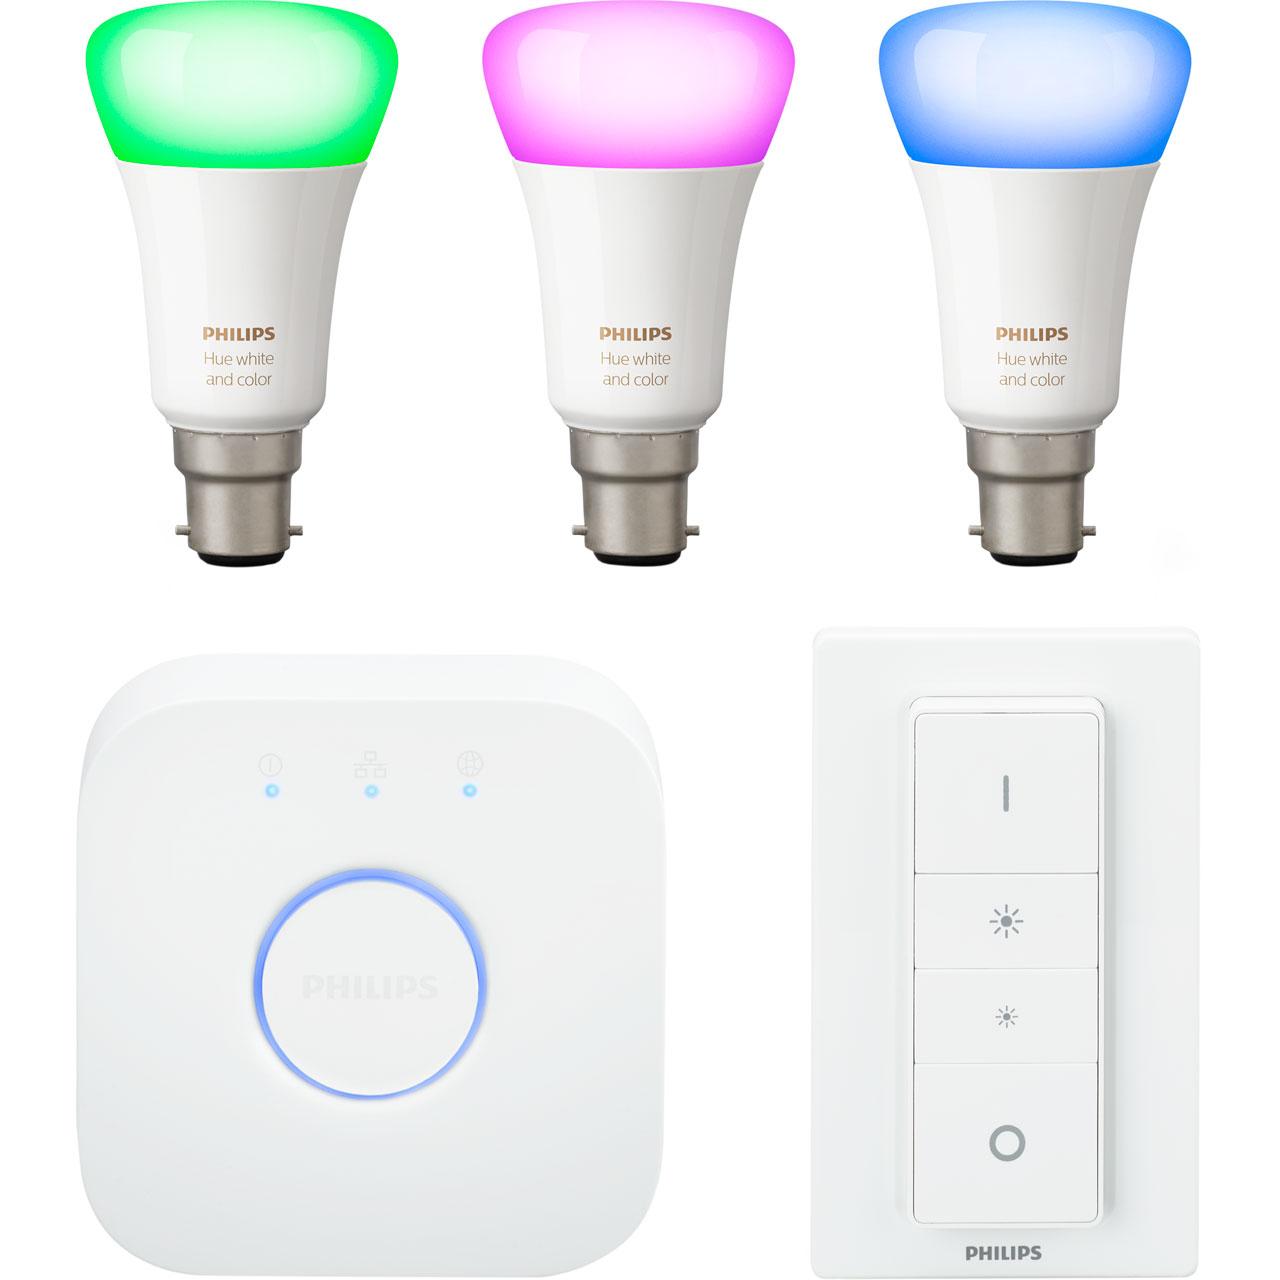 Free Bulb Pack when you Buy Phillips Hue Light Smart light starter kit with voucher Code @ AO.com